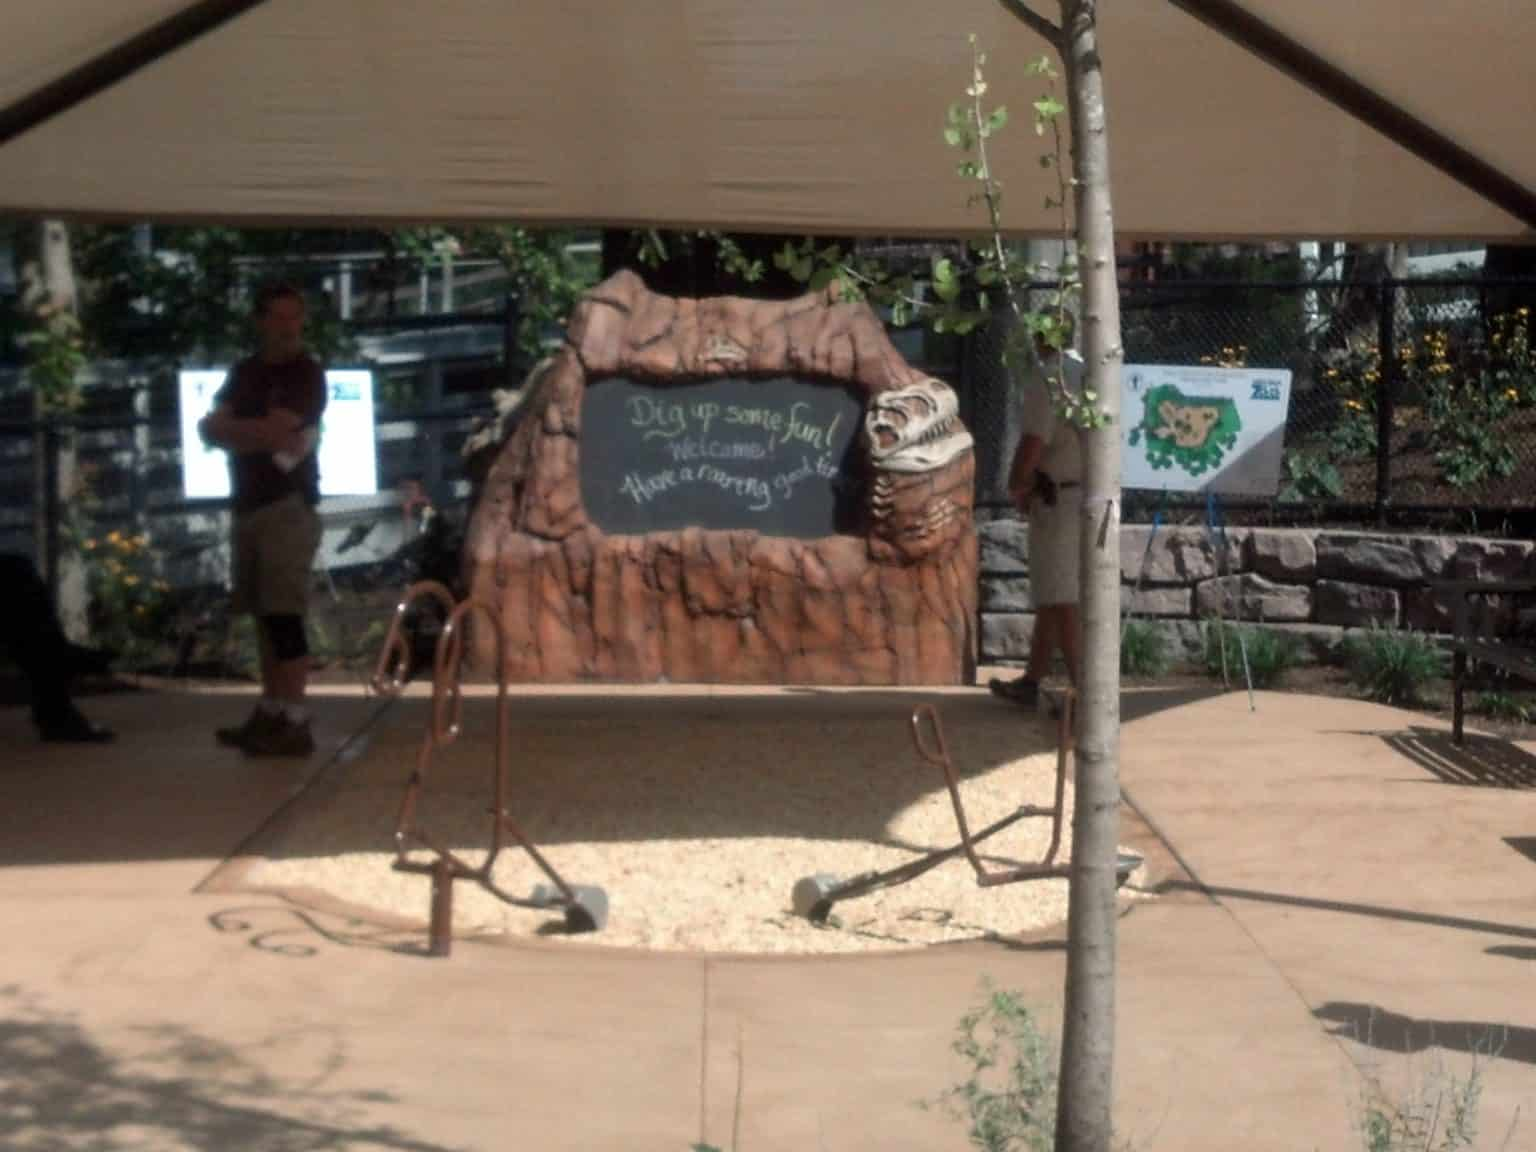 turtle-back-zoo-playground-west-orange-nj_11519172515_o-1536x1152